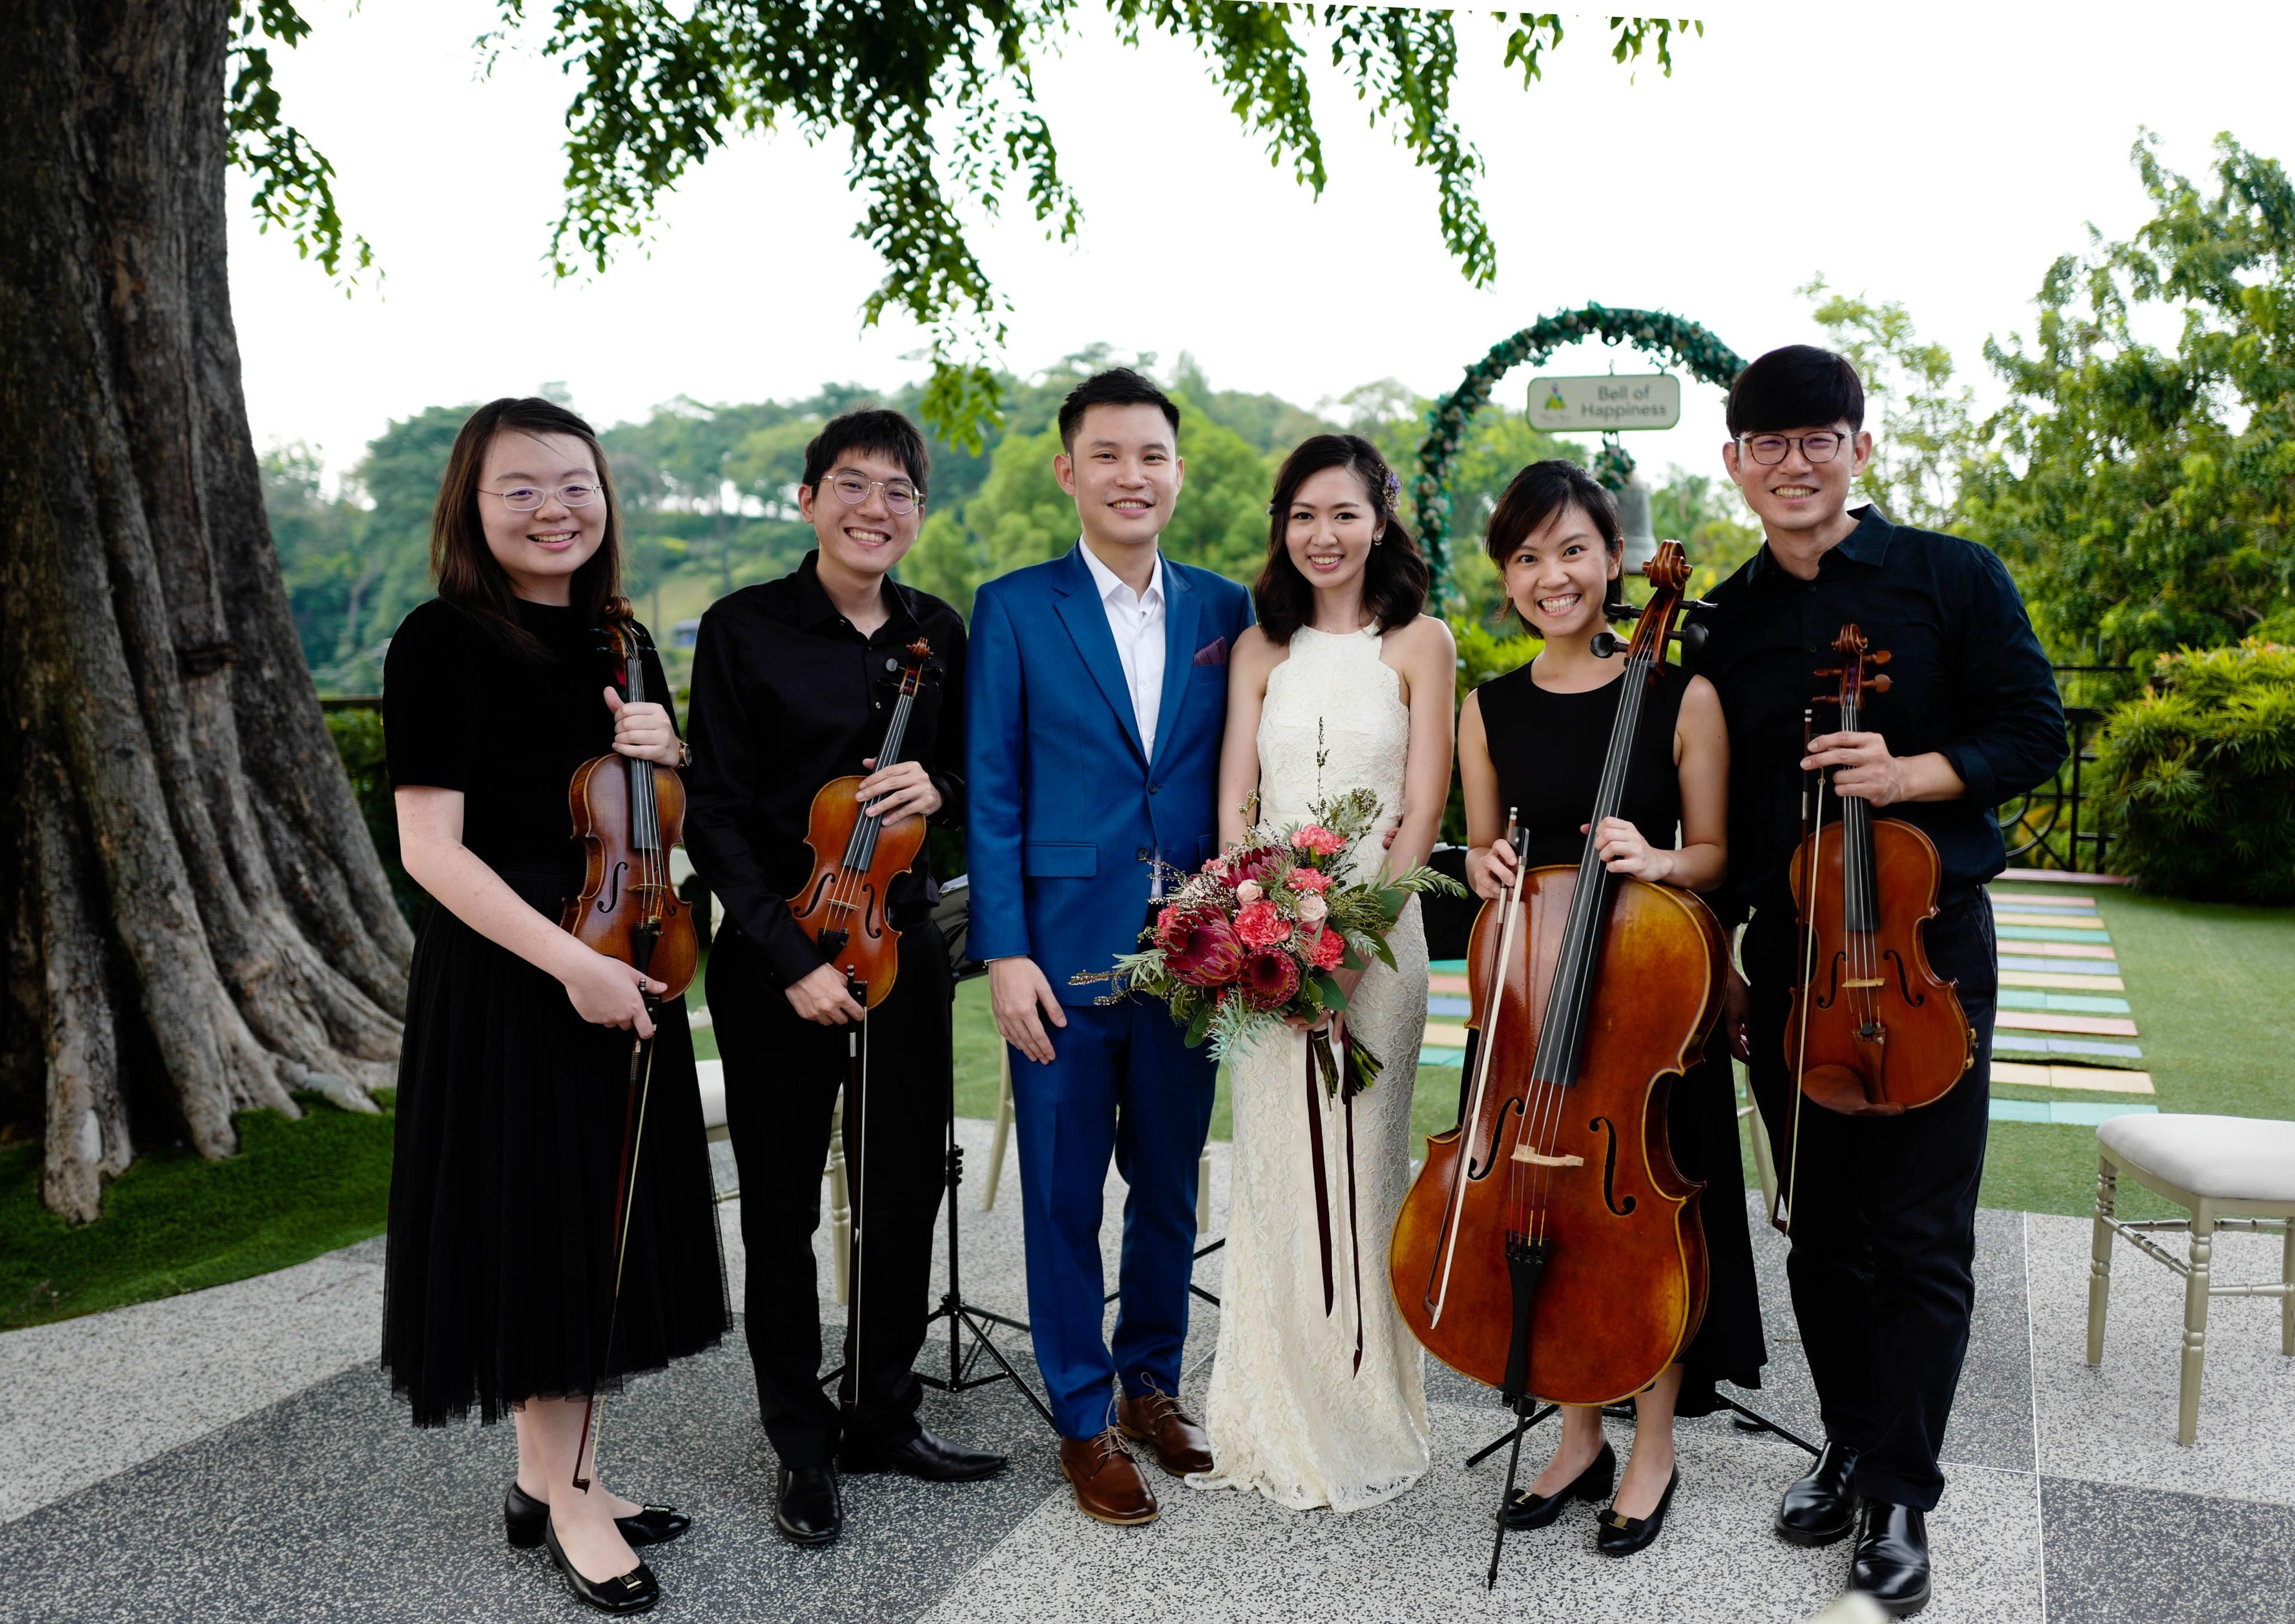 Wye Huong & Chao Yan's Wedding